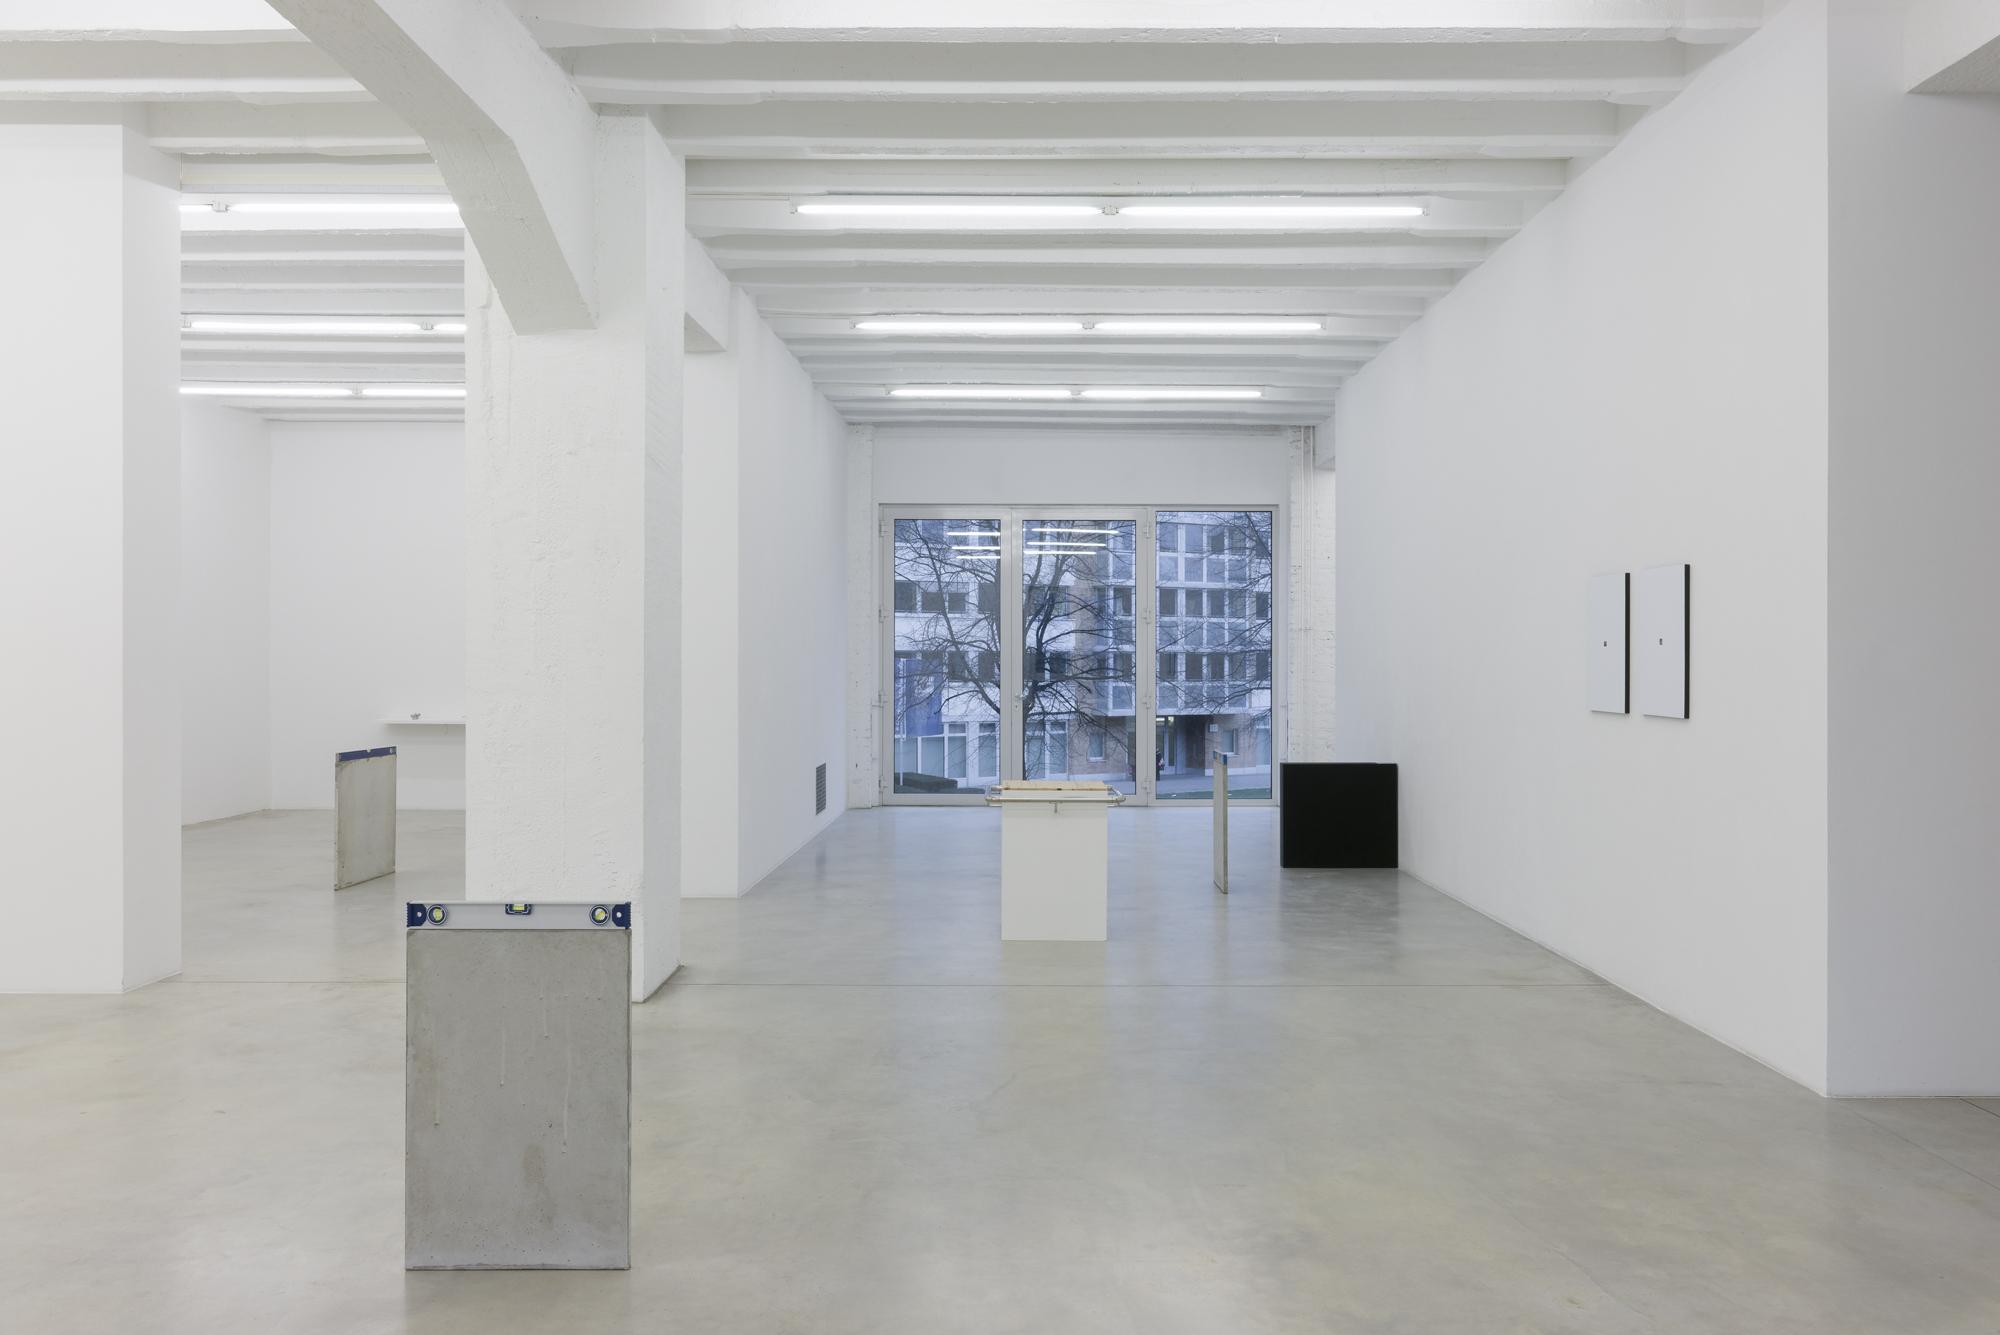 Pablo Accinelli, Técnicas Pasivas, exhibition view, Galerija Gregor Podnar, Berlin, 2016. Photo: Marcus Schneider